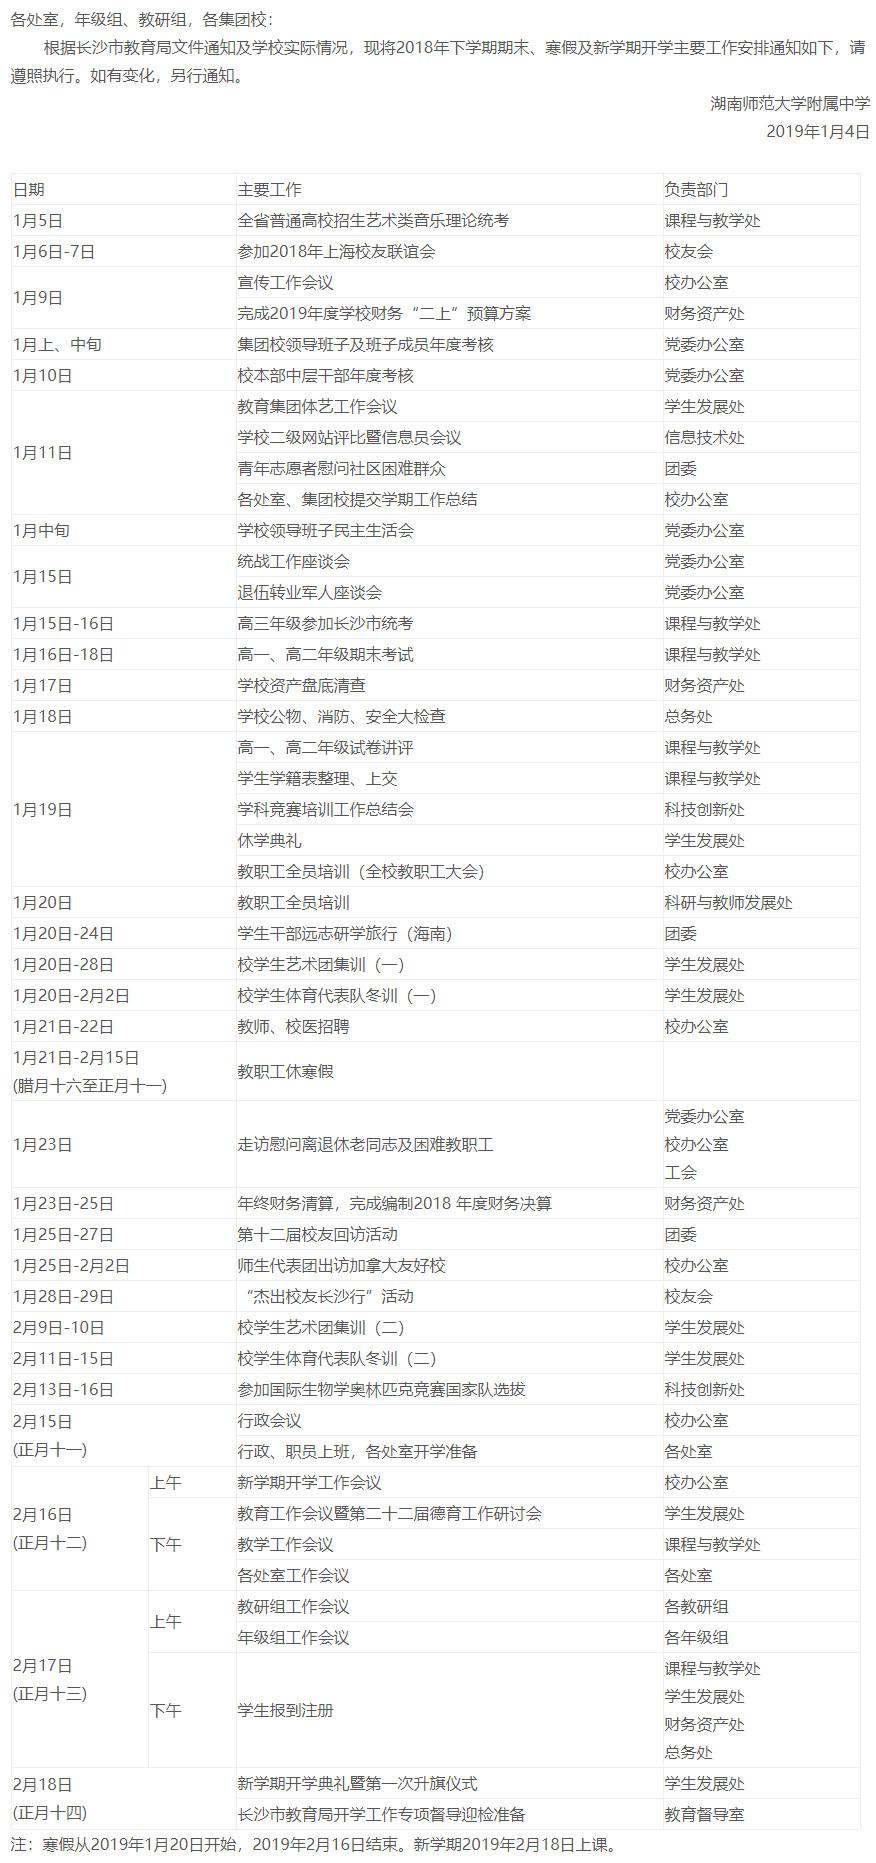 湖南师大附中2018年下学期期末、寒假及新学期开学主要工作安排